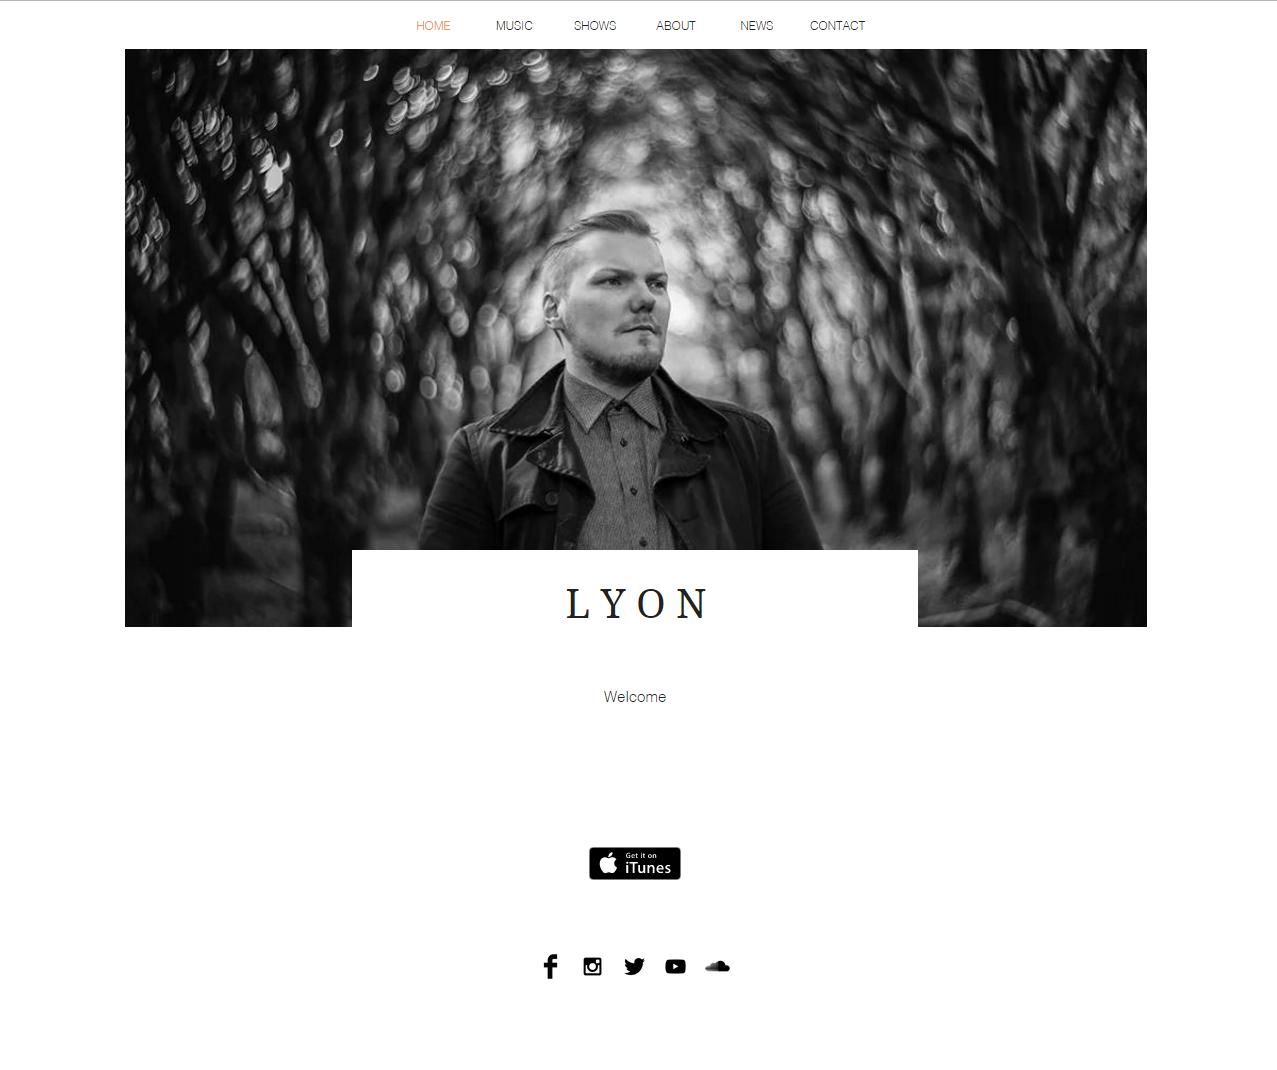 lyon webpage